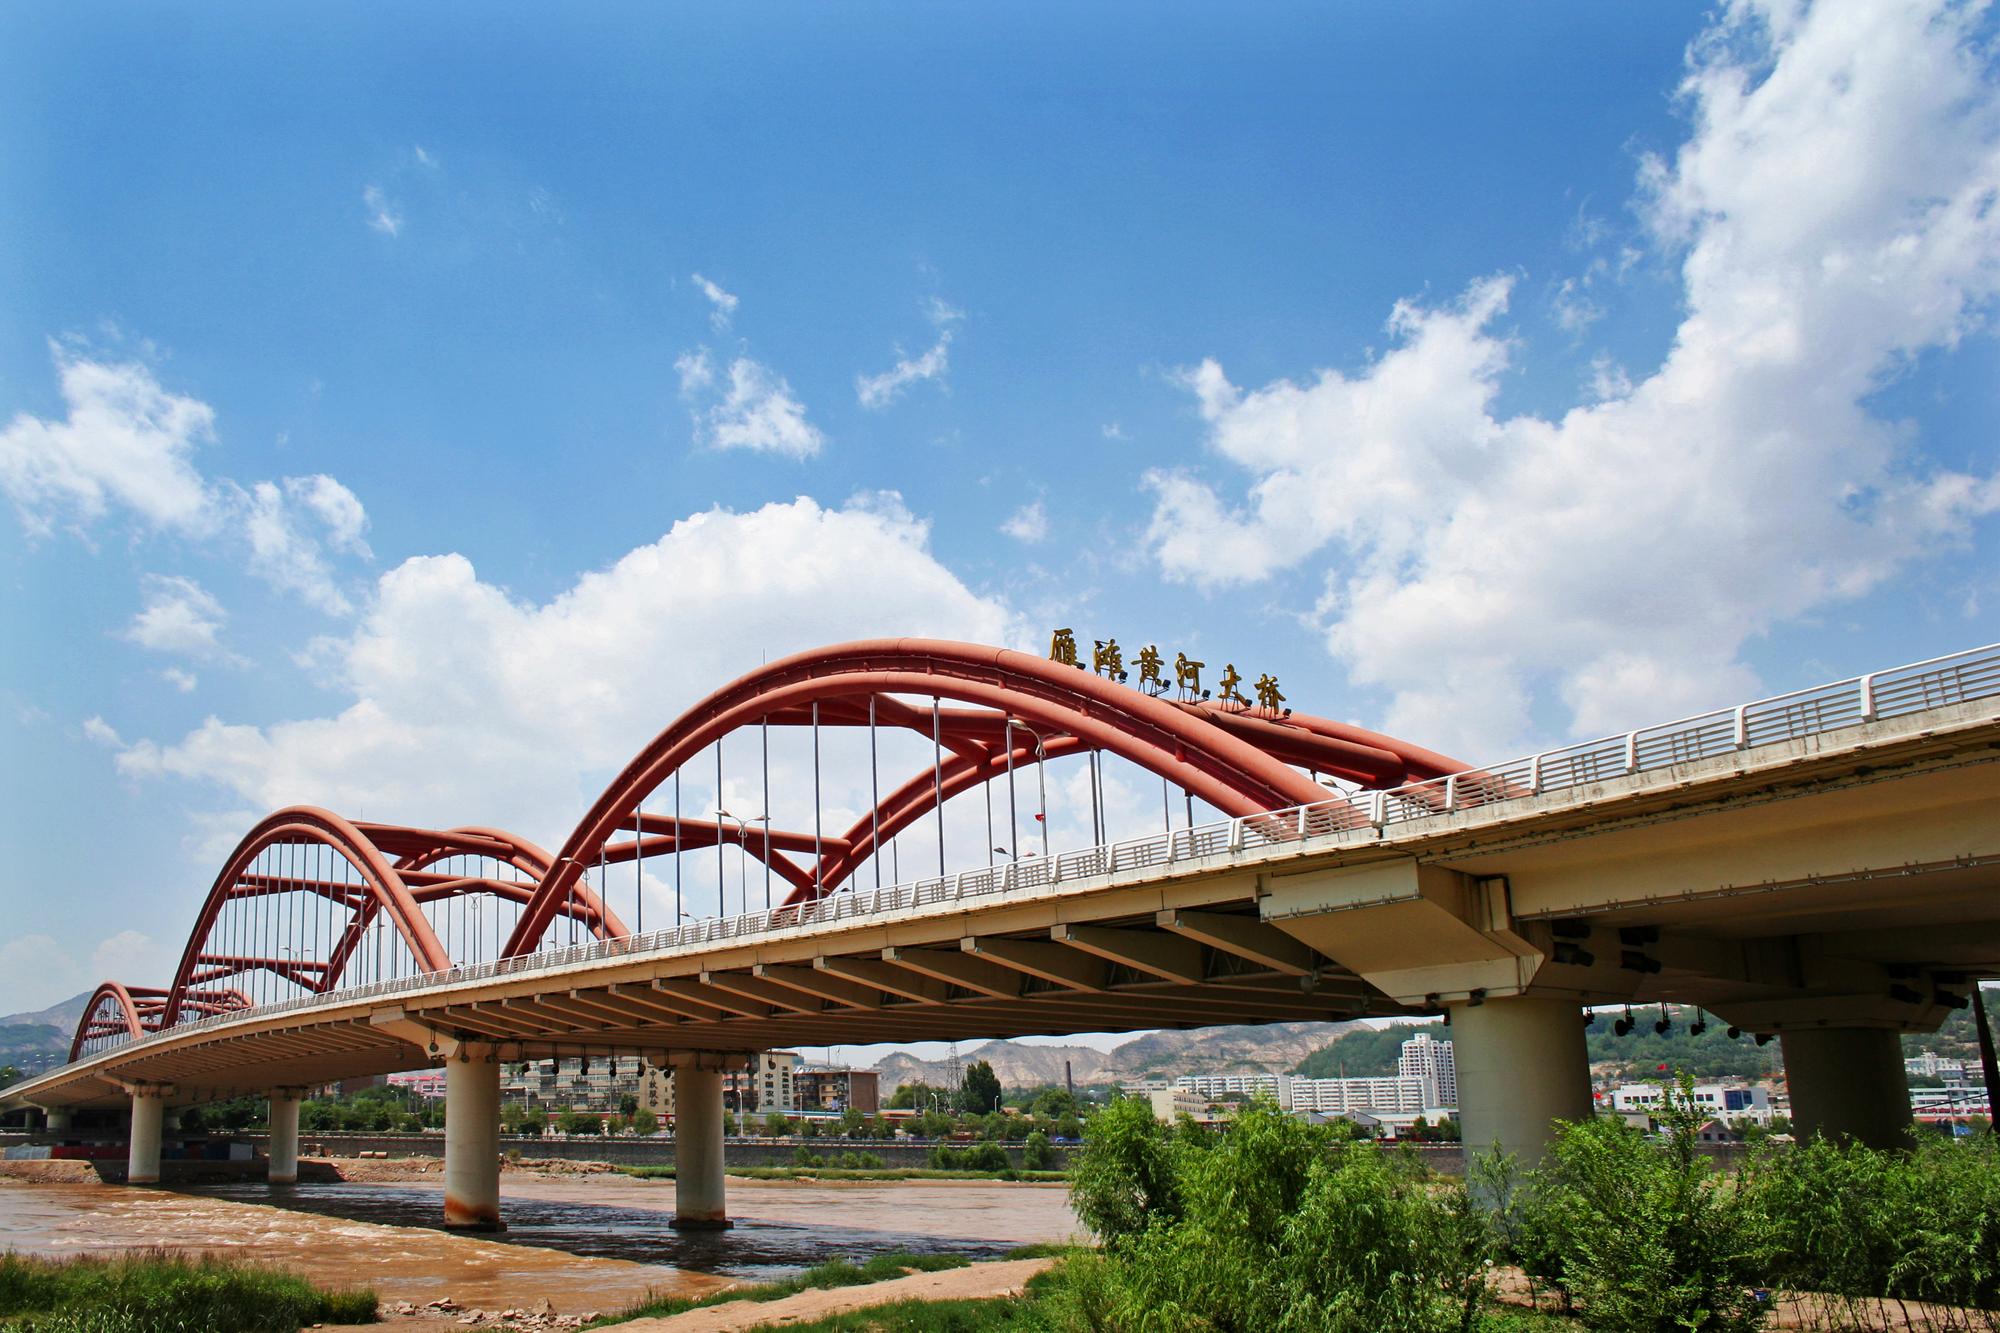 Yantanhuanghe Bridge